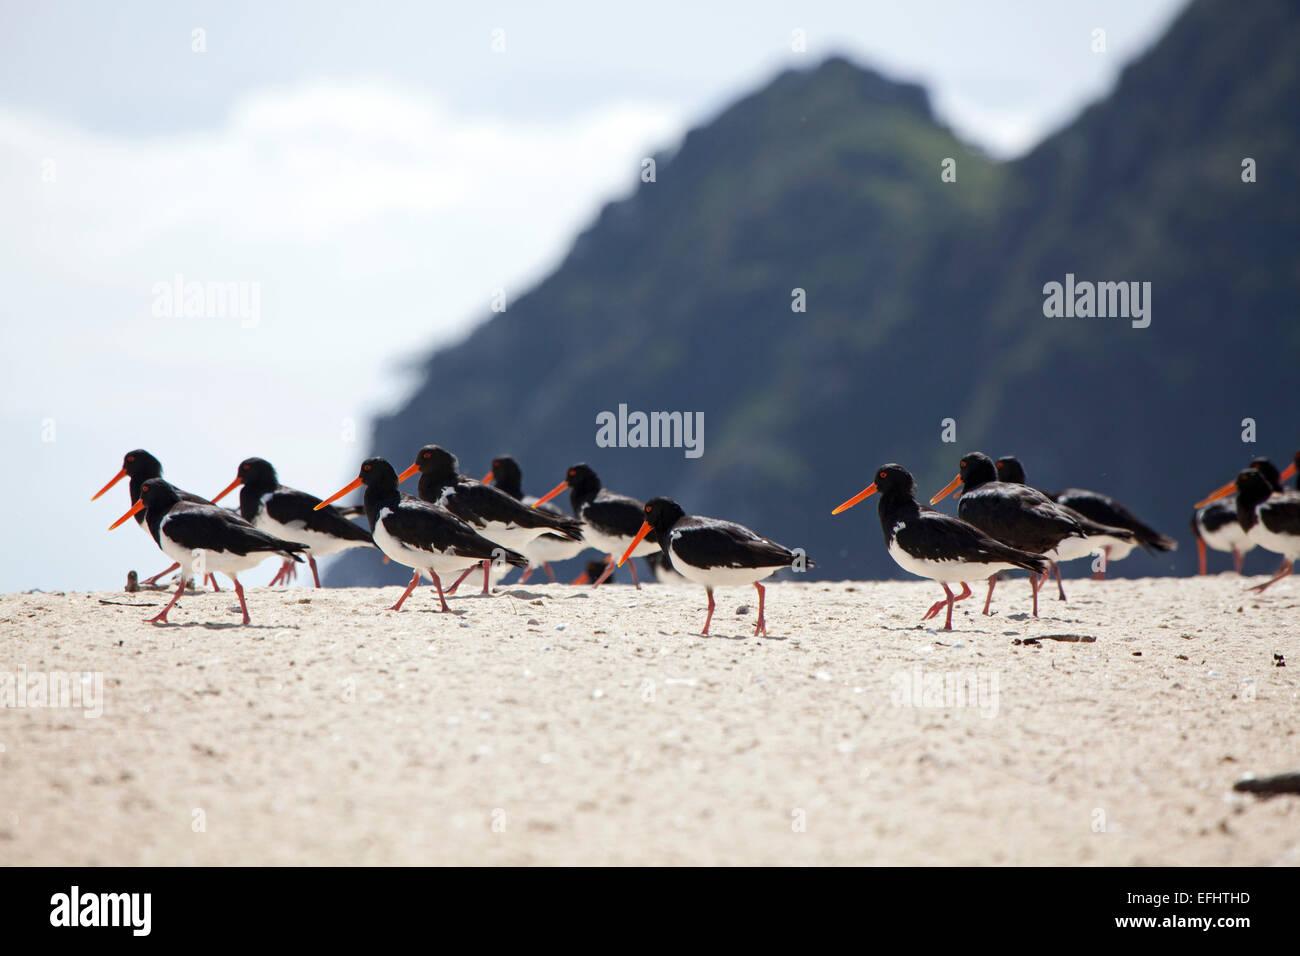 Oystercatcher uccelli sulla spiaggia con fatture rosso, Awaroa ingresso, Abel Tasman via litoranea, grande passeggiate, Immagini Stock